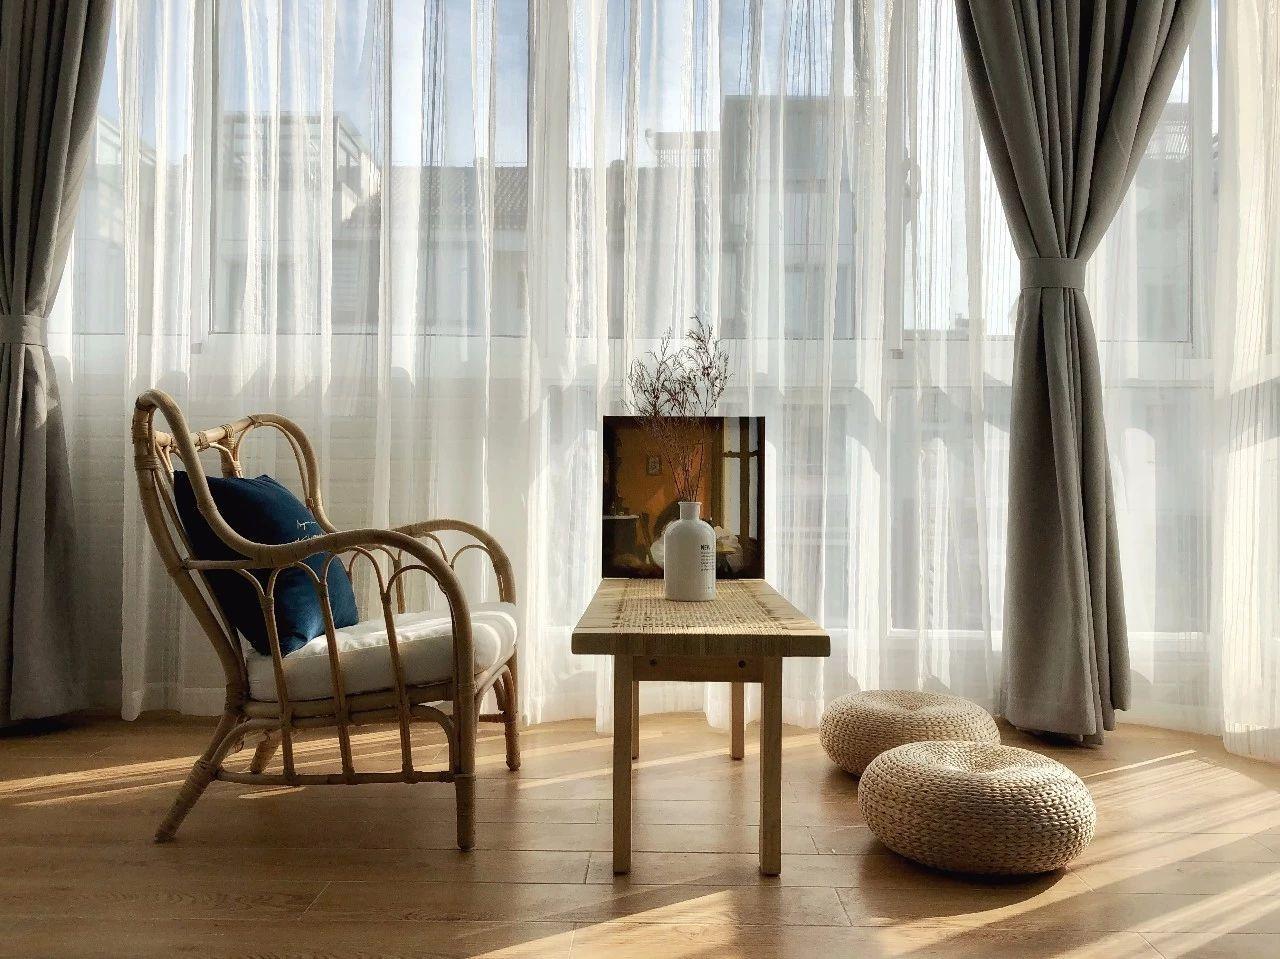 休闲小说,这样布置情趣,舒适有椅子!乳情趣阳台调情的吸图片